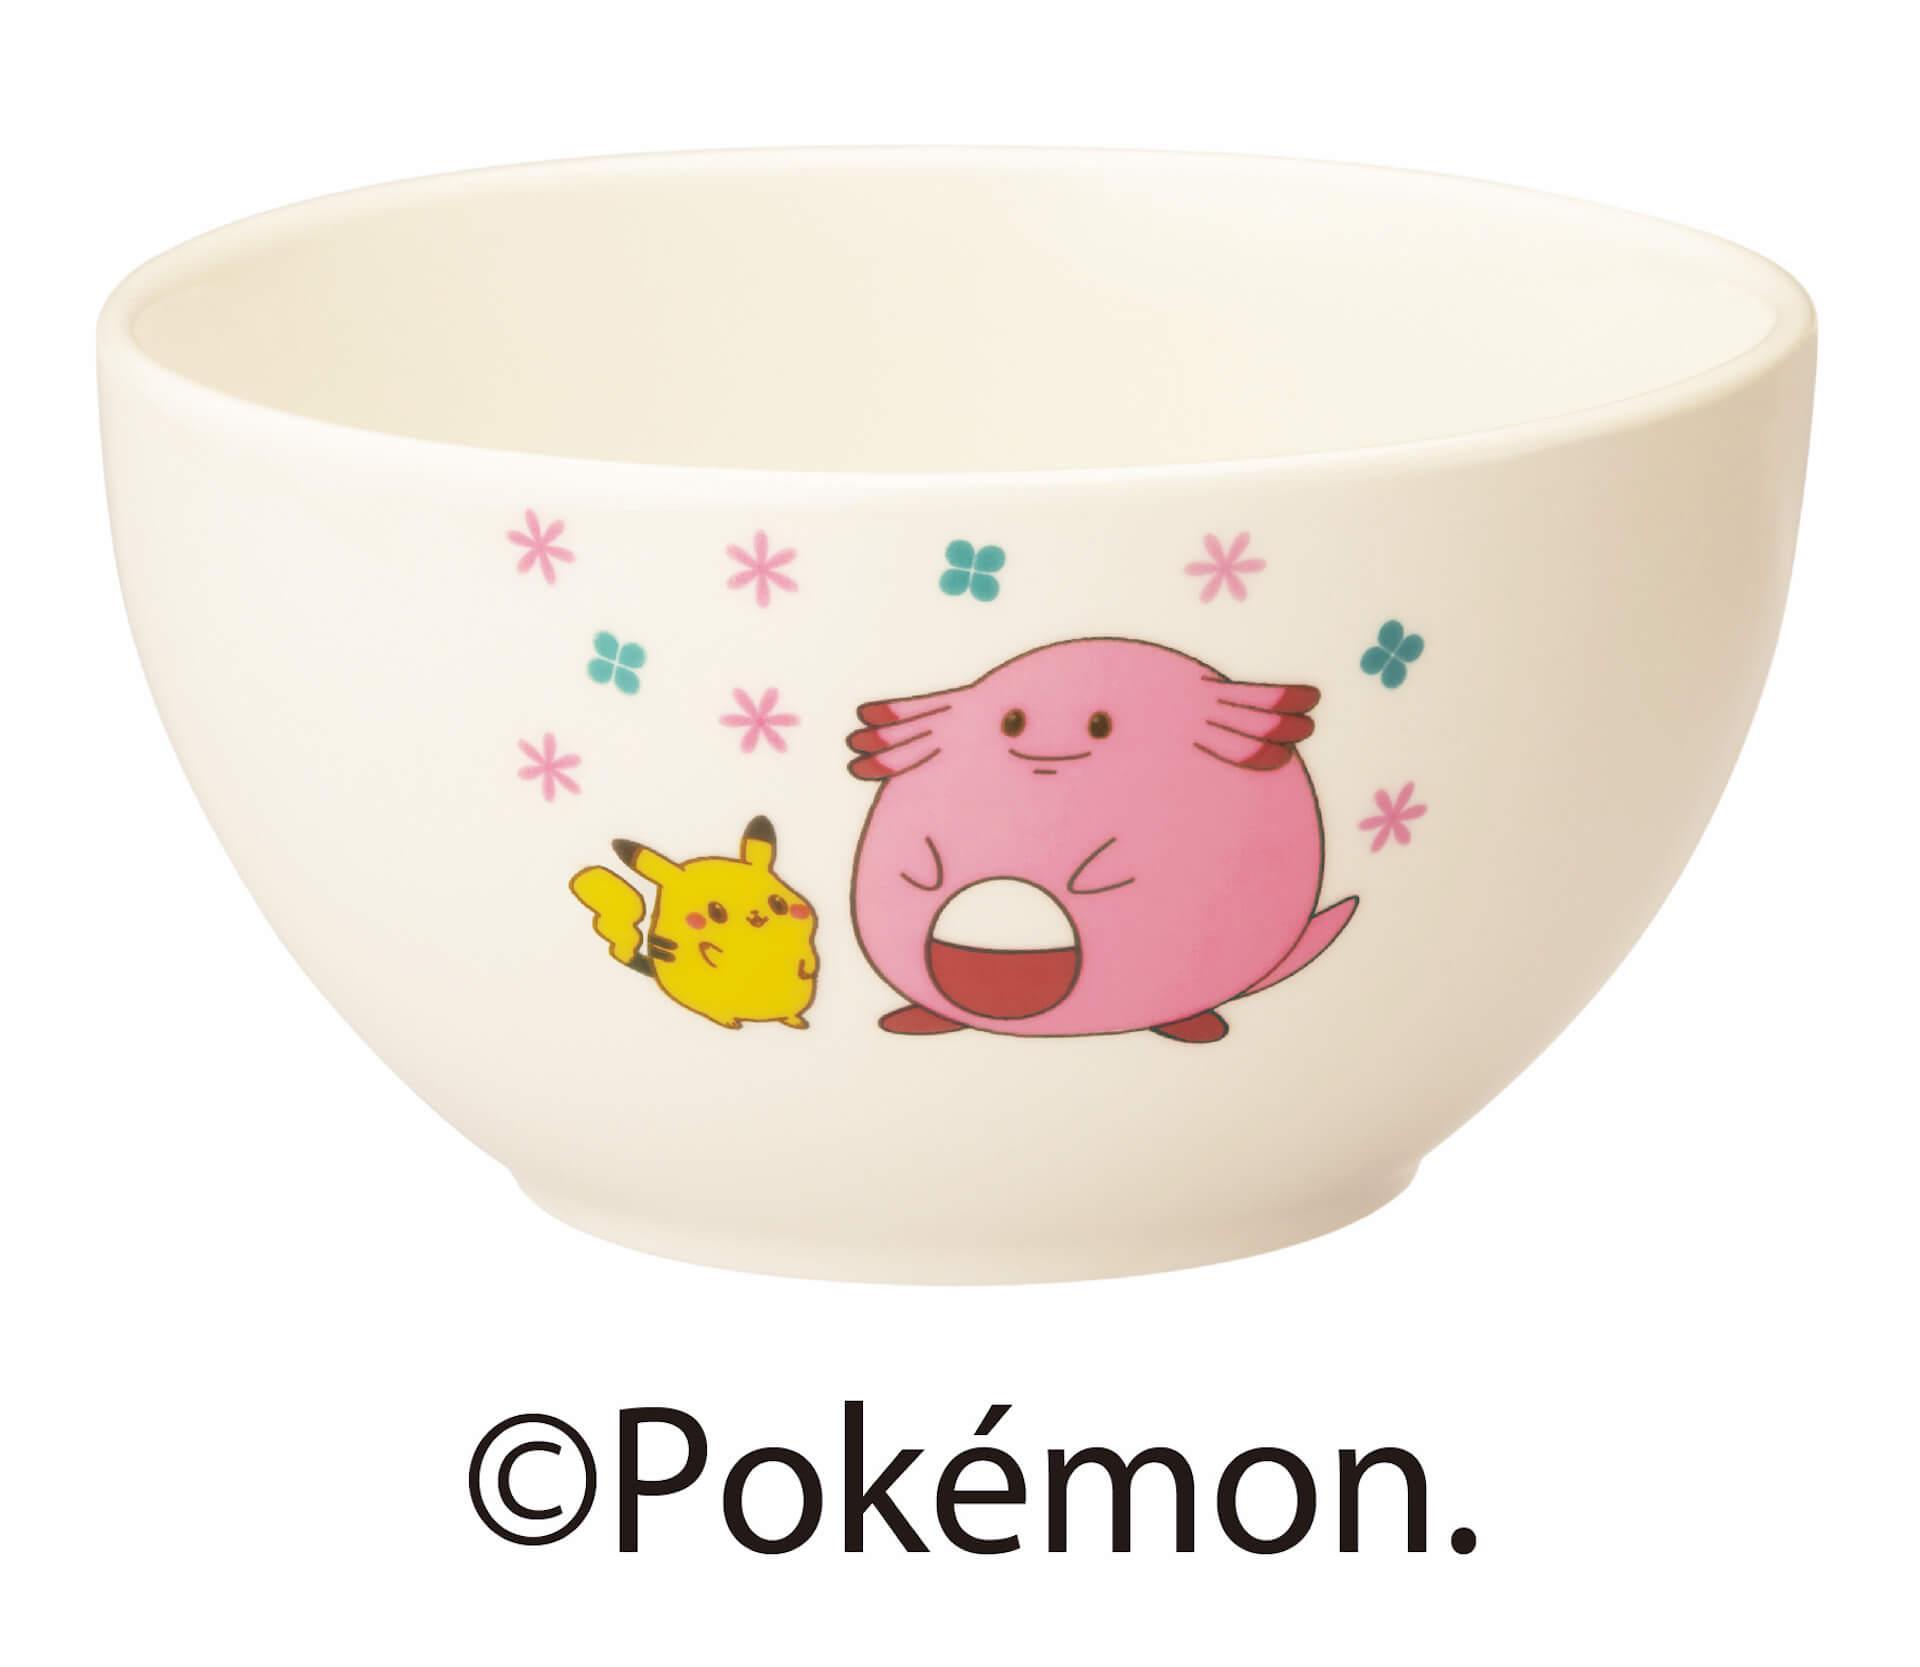 ミスドとポケモンのコラボドーナツ&グッズがついに解禁!ピカチュウ、ラッキーがドーナツに gourmet201105_misdo_pokemon_3